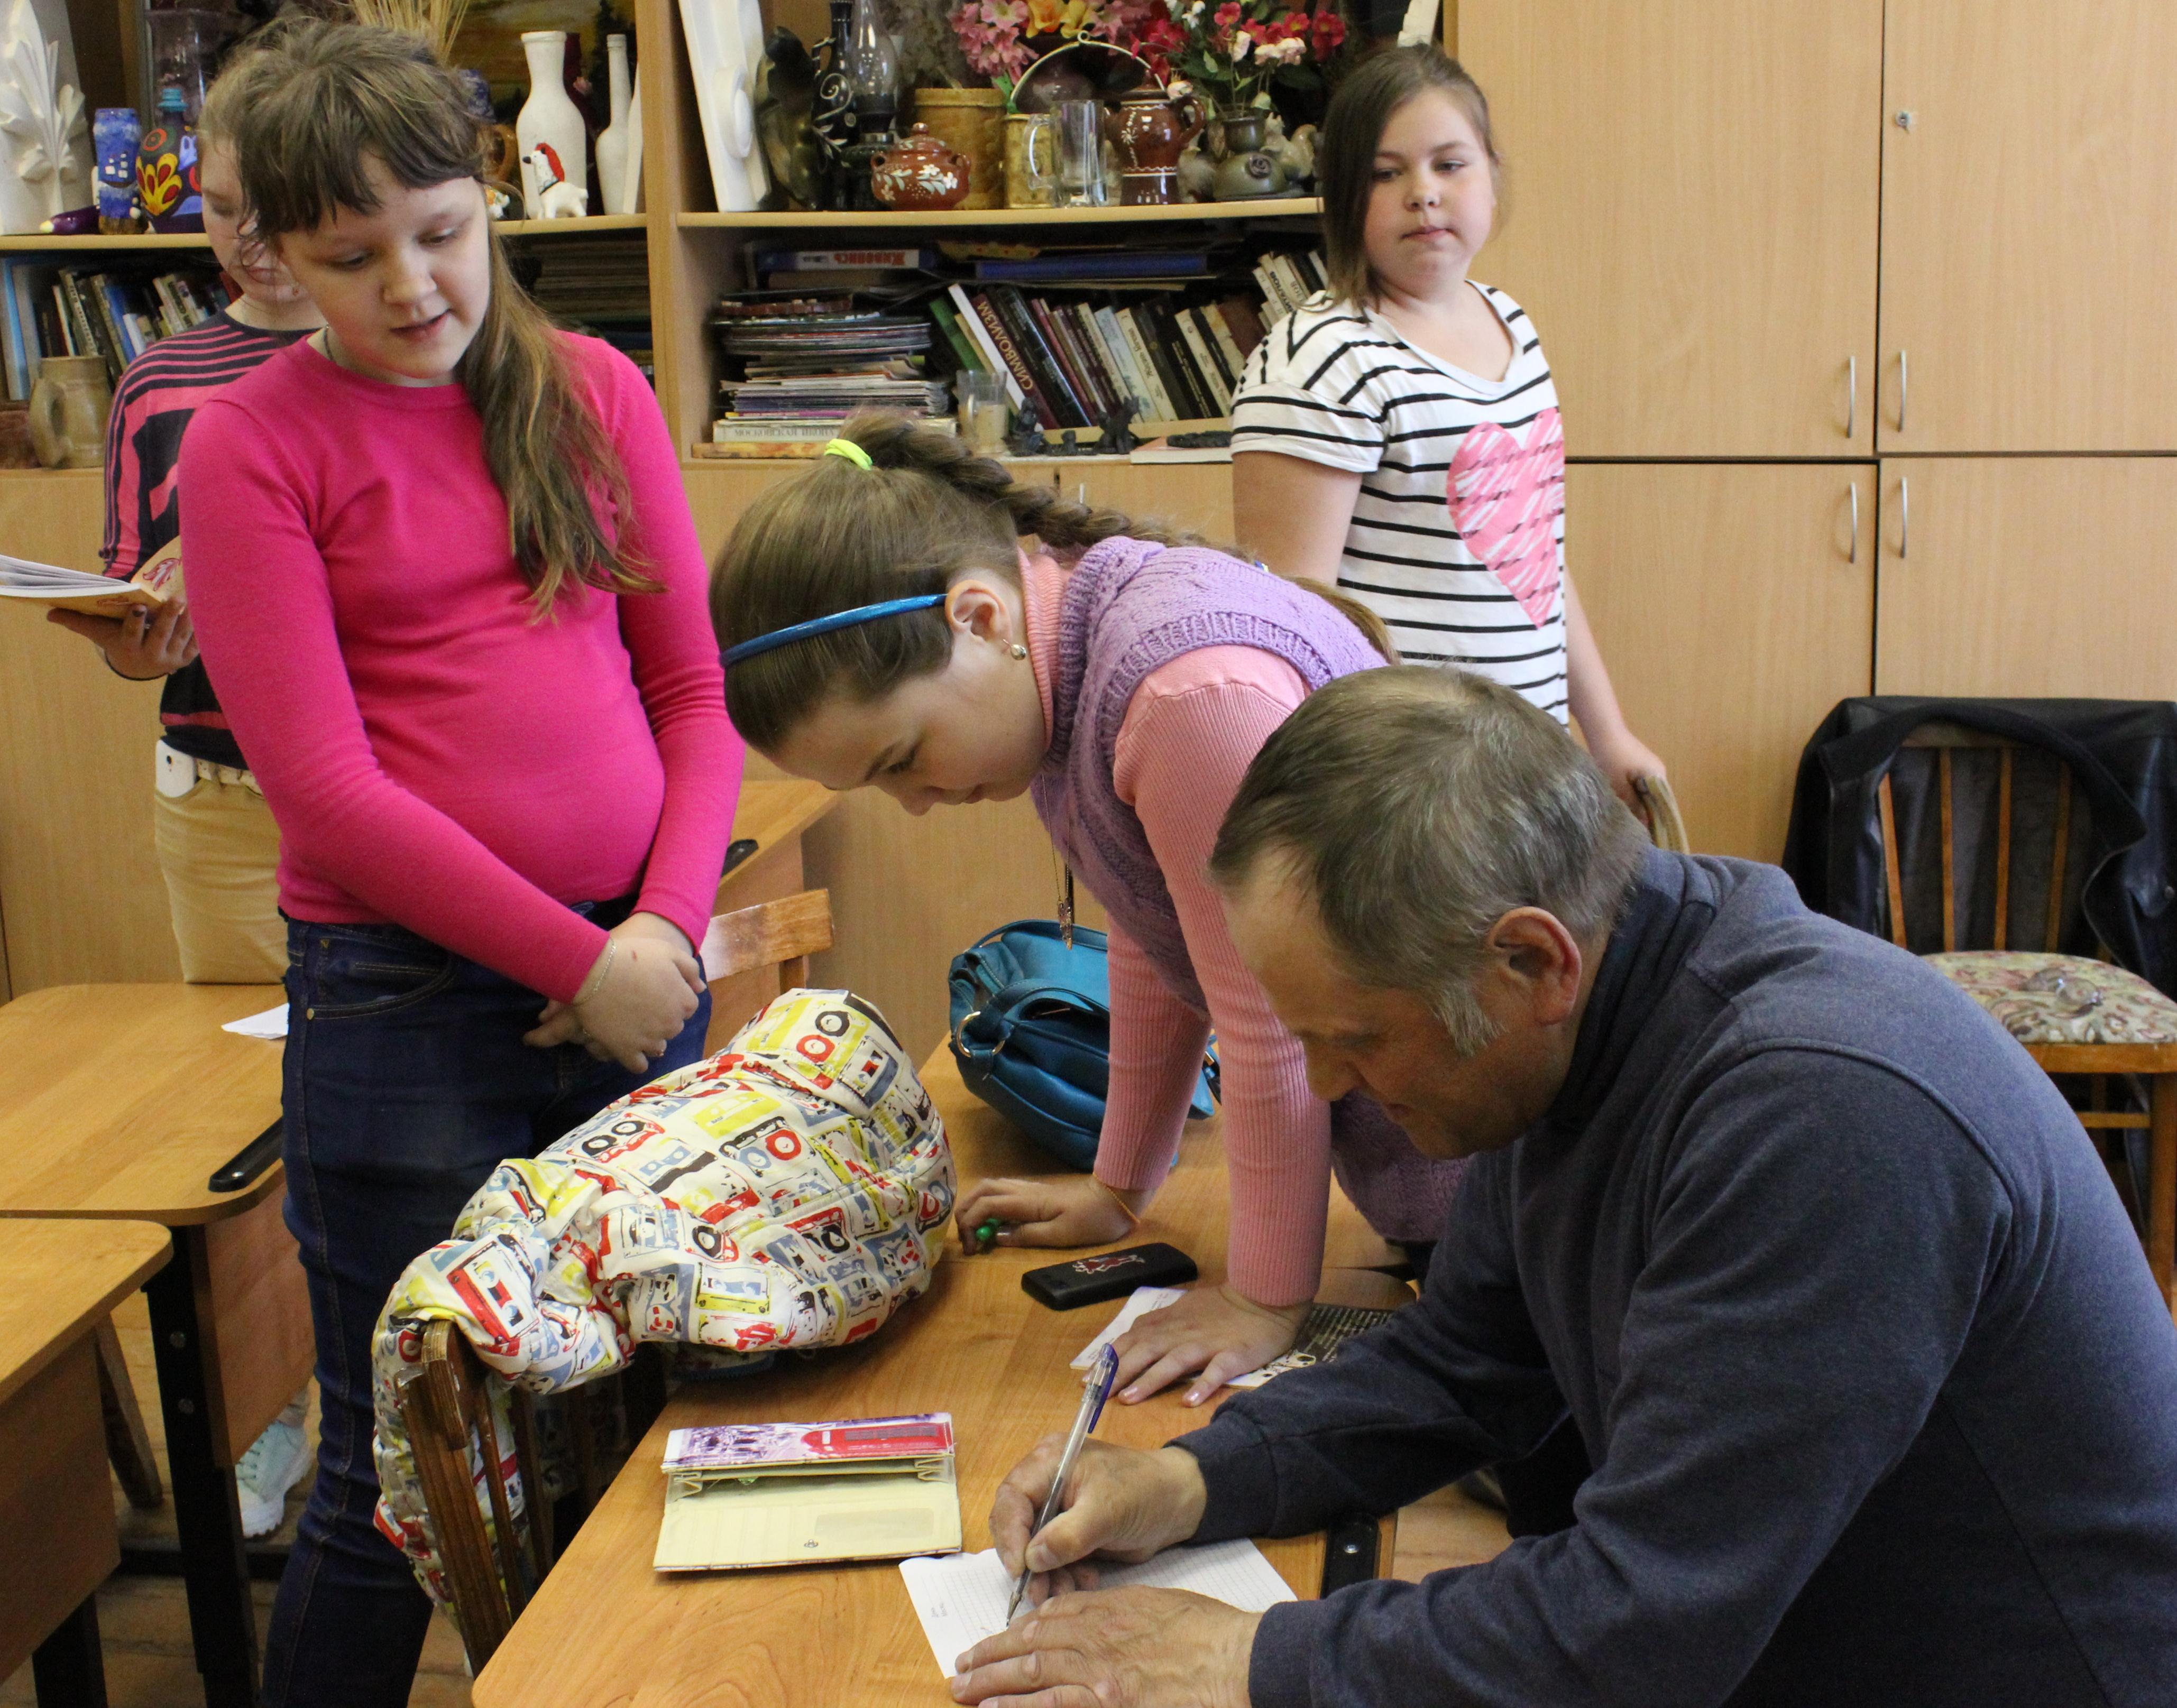 Творческая встреча В. Кобоева с учащимися Петроз. детской школы искусств. 28 мая 2014 г. Фото М. Июдиной (16)